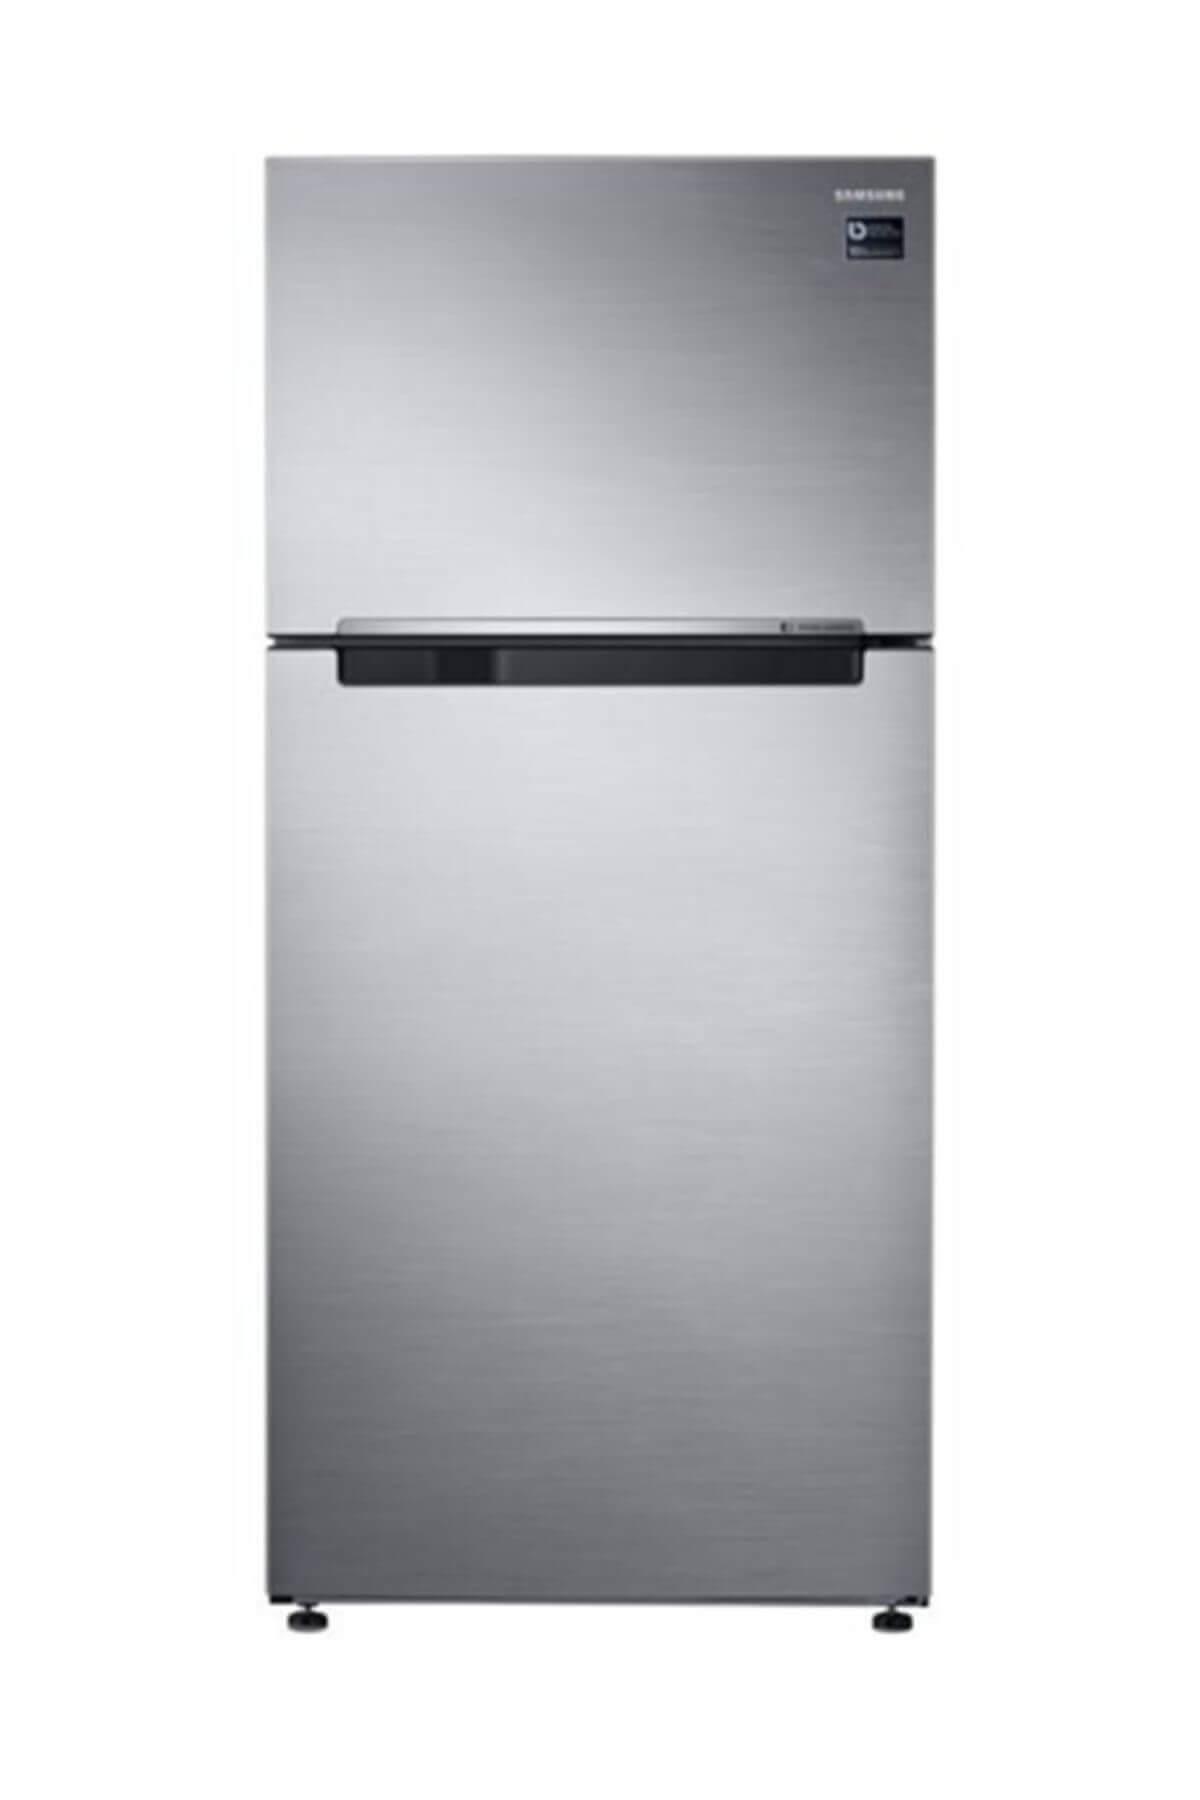 Samsung RT50K6000S8 Çift Kapılı No-Frost Buzdolabı 1